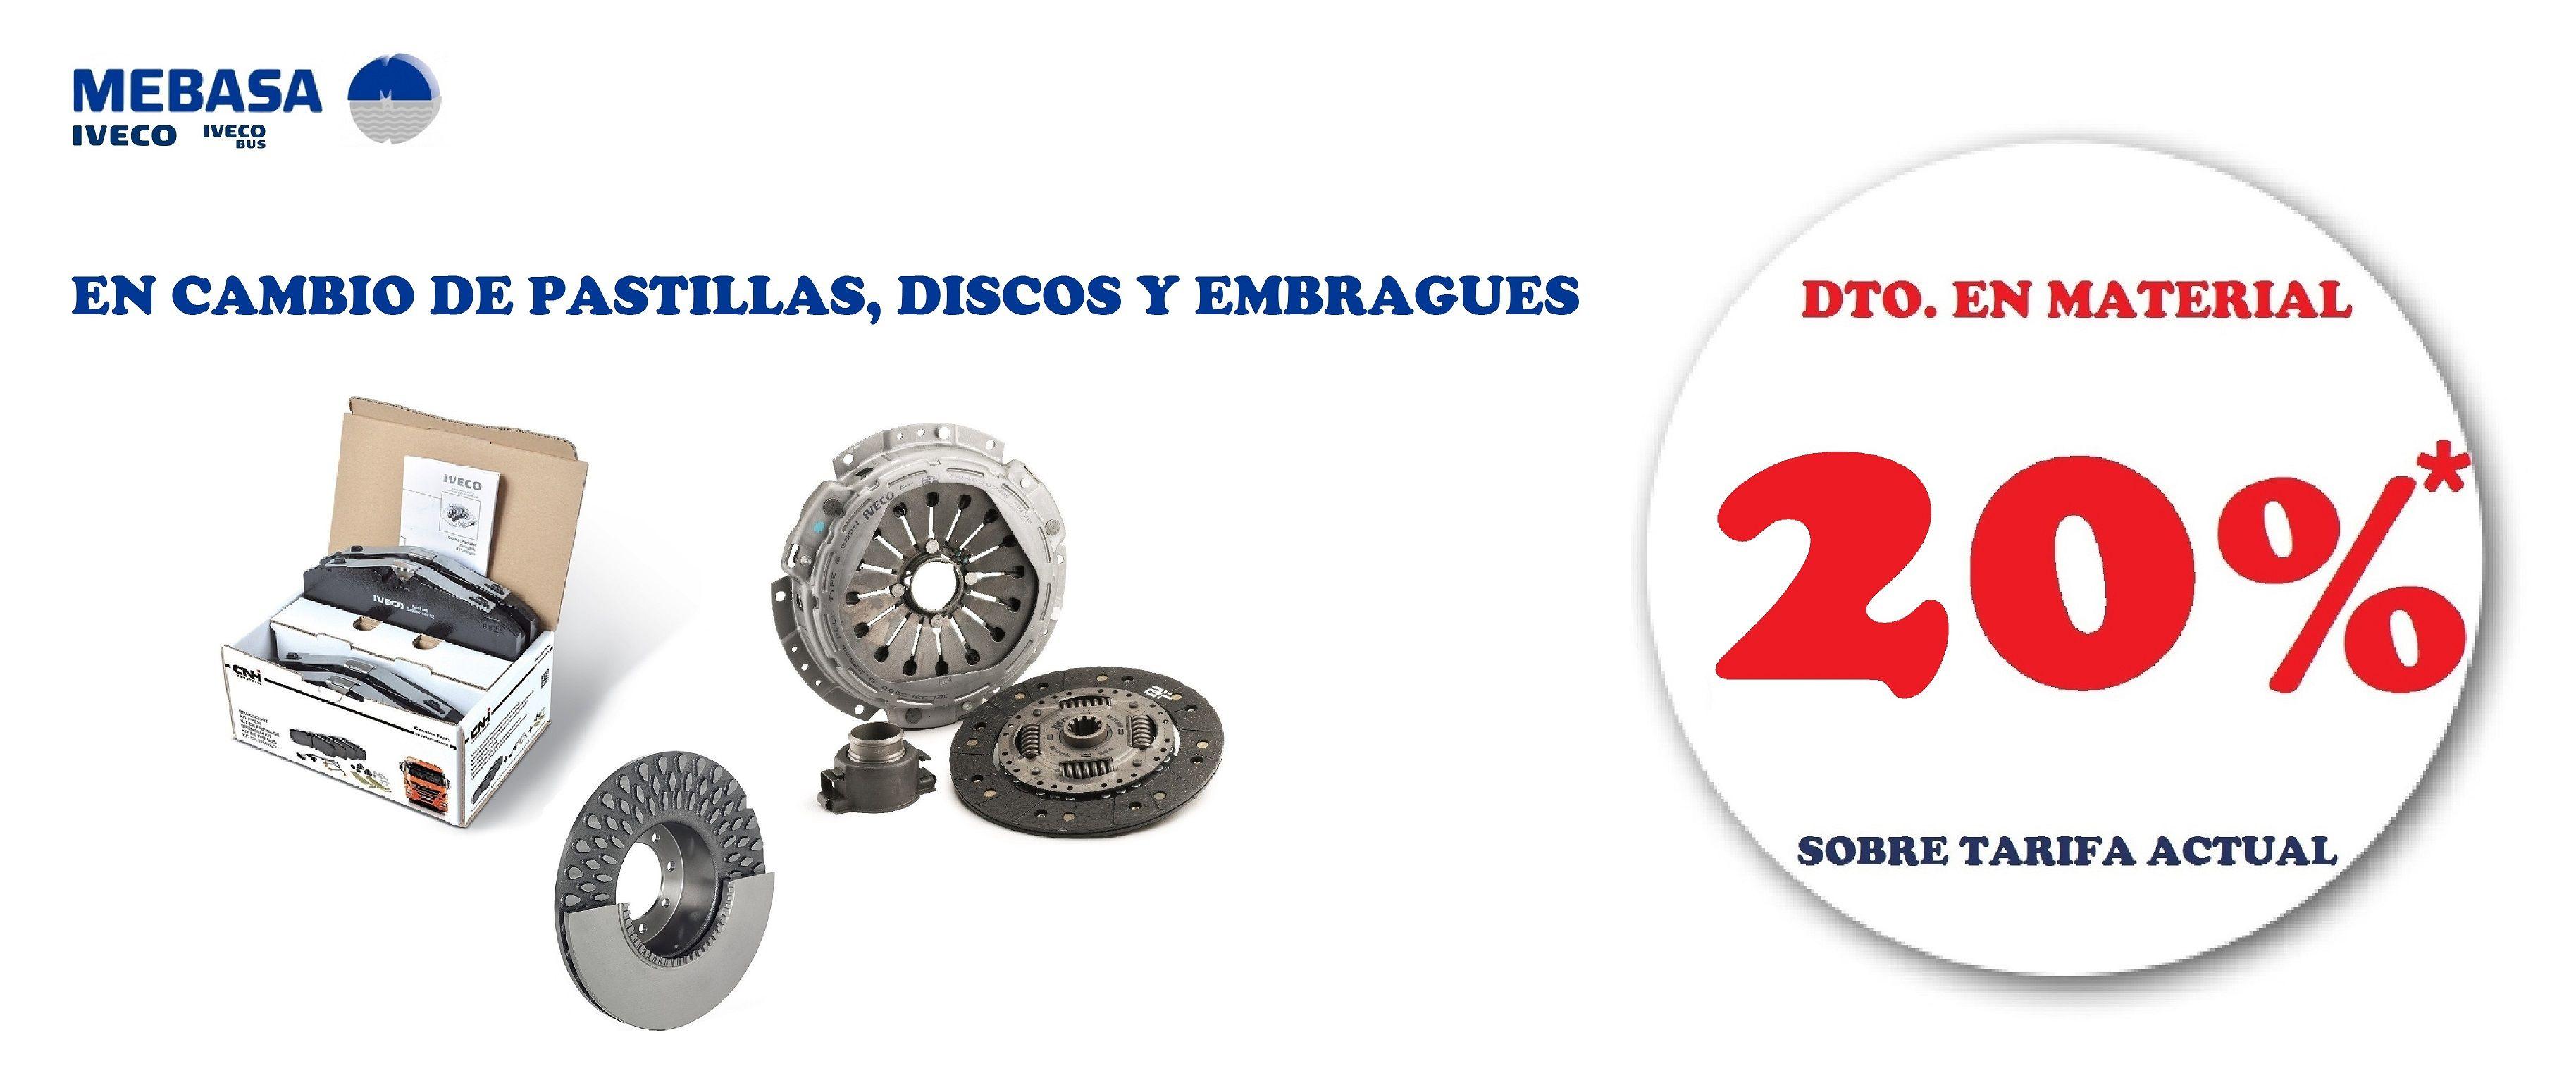 CAMBIO DE PASTILLAS, DISCOS Y EMBRAGUES